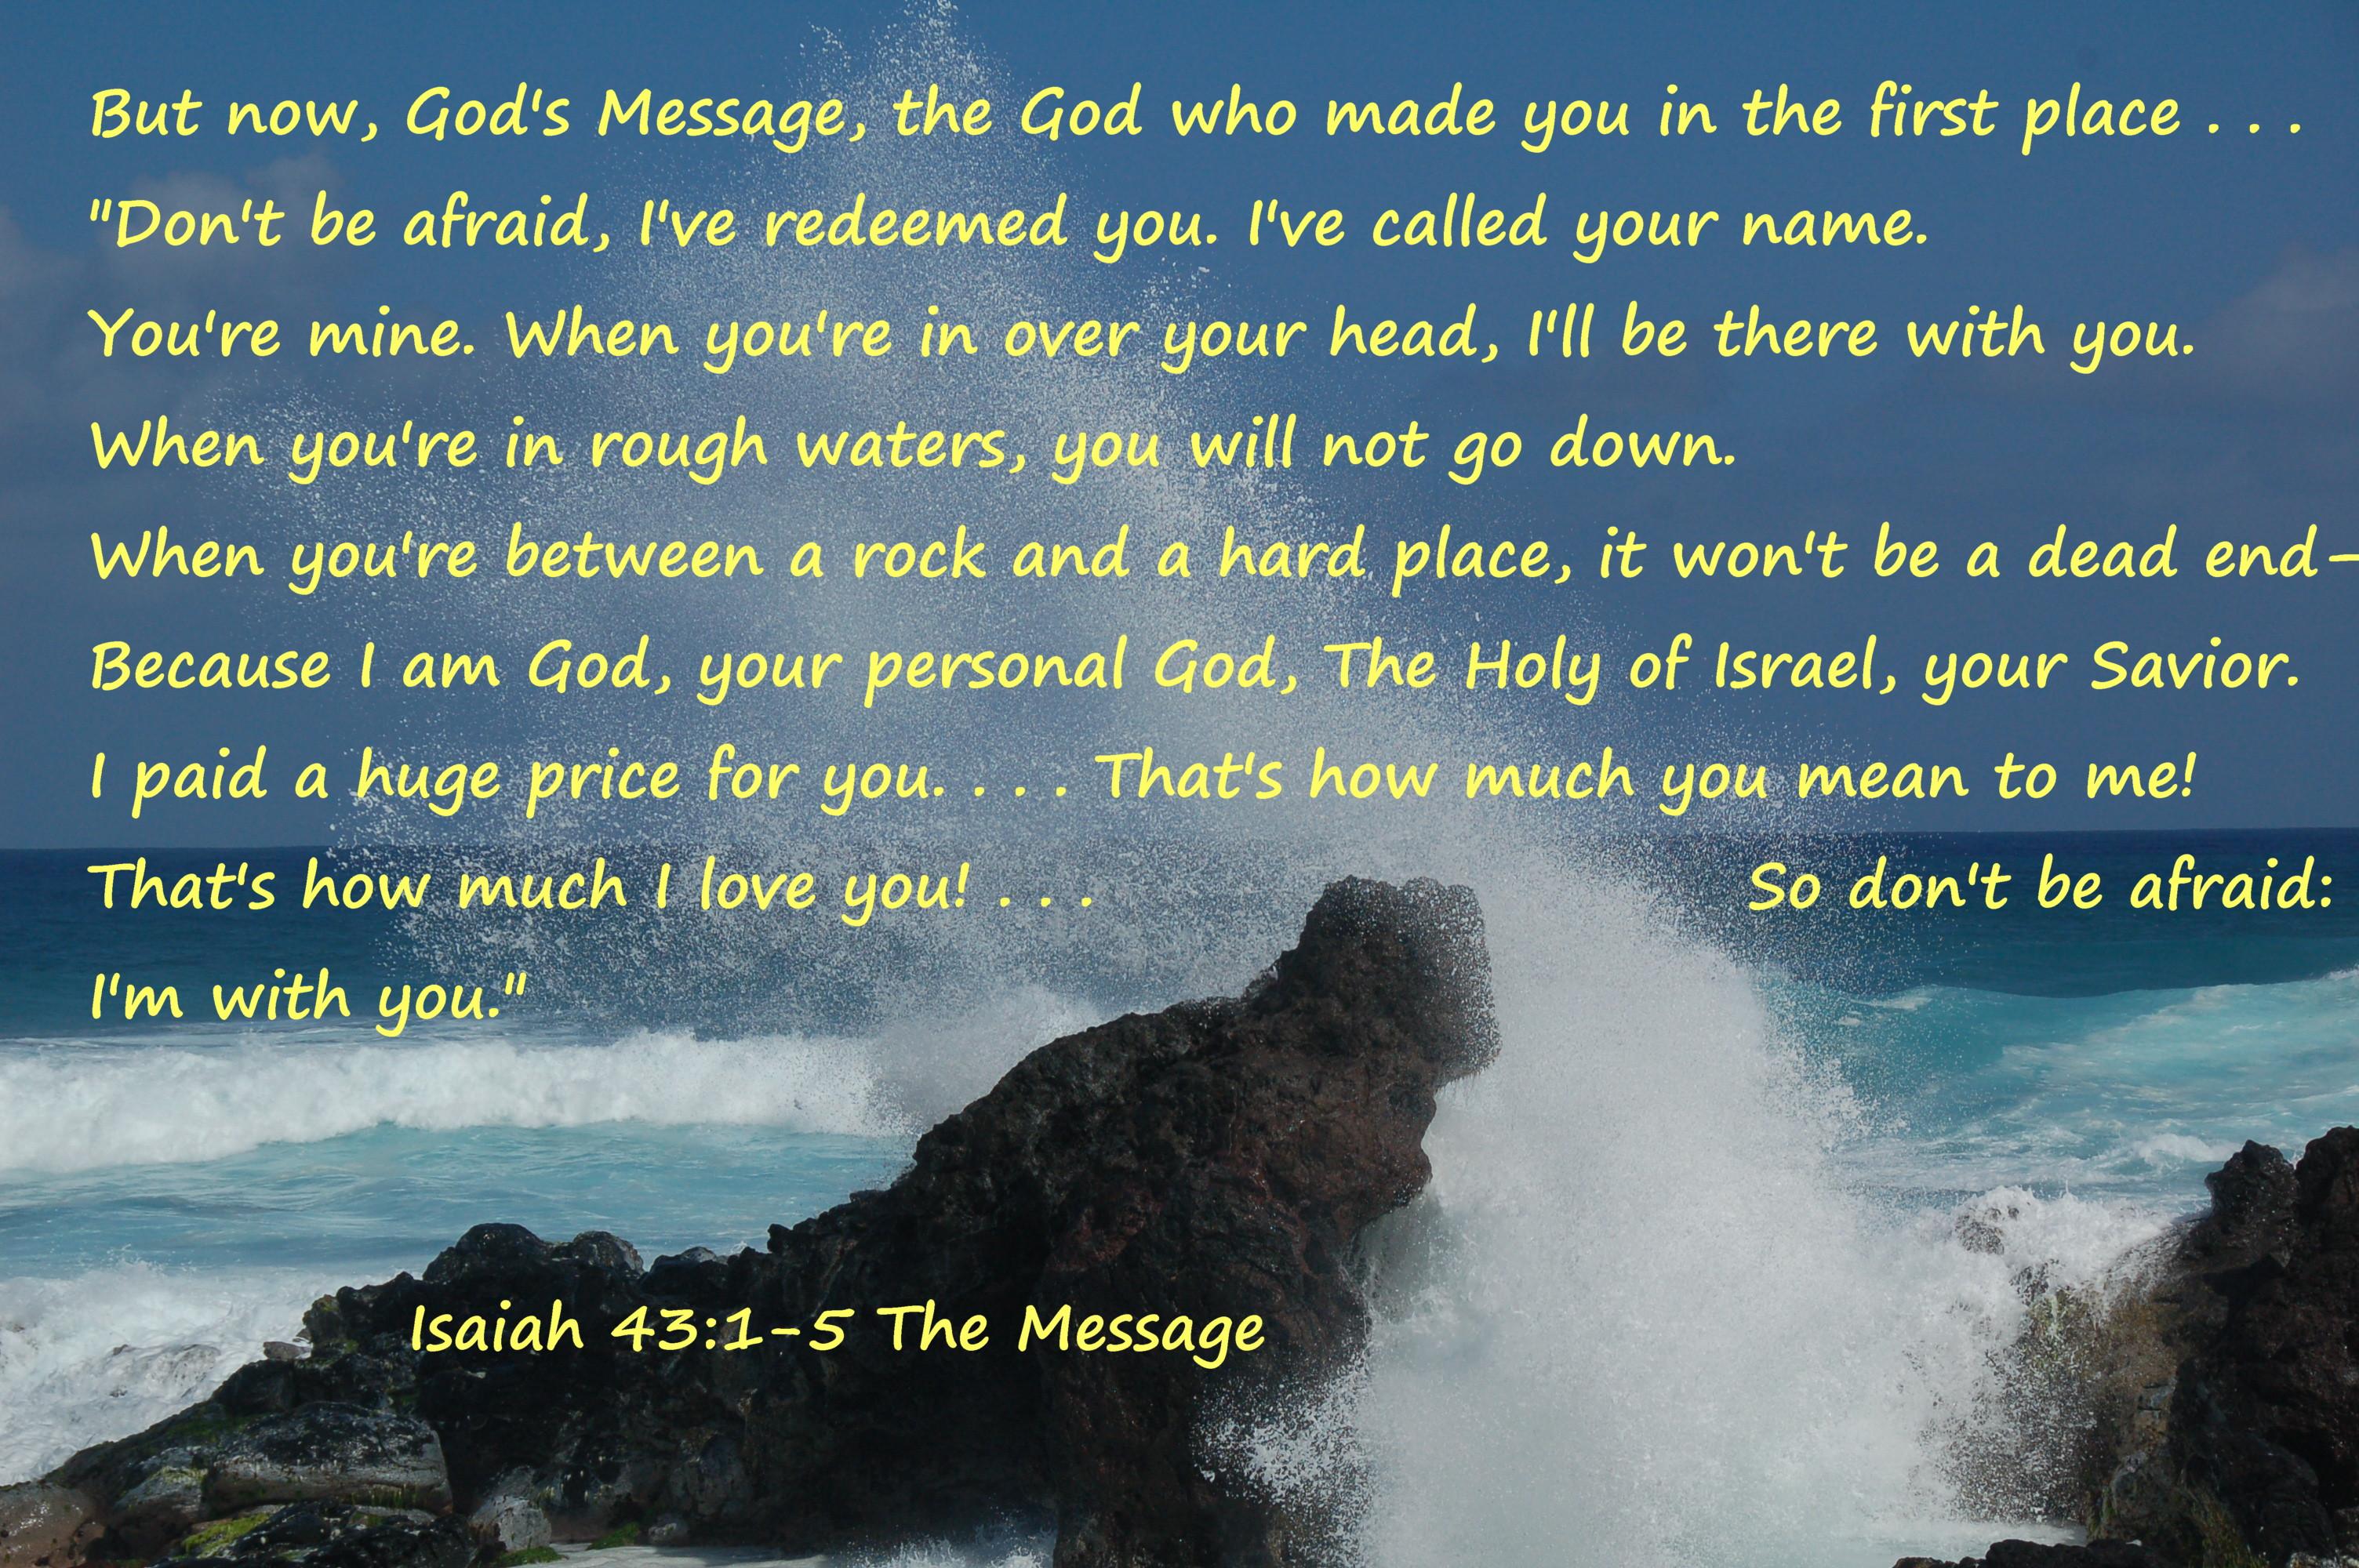 Isaias 43 1-5 Maui Waves Isaiah 43:1_5